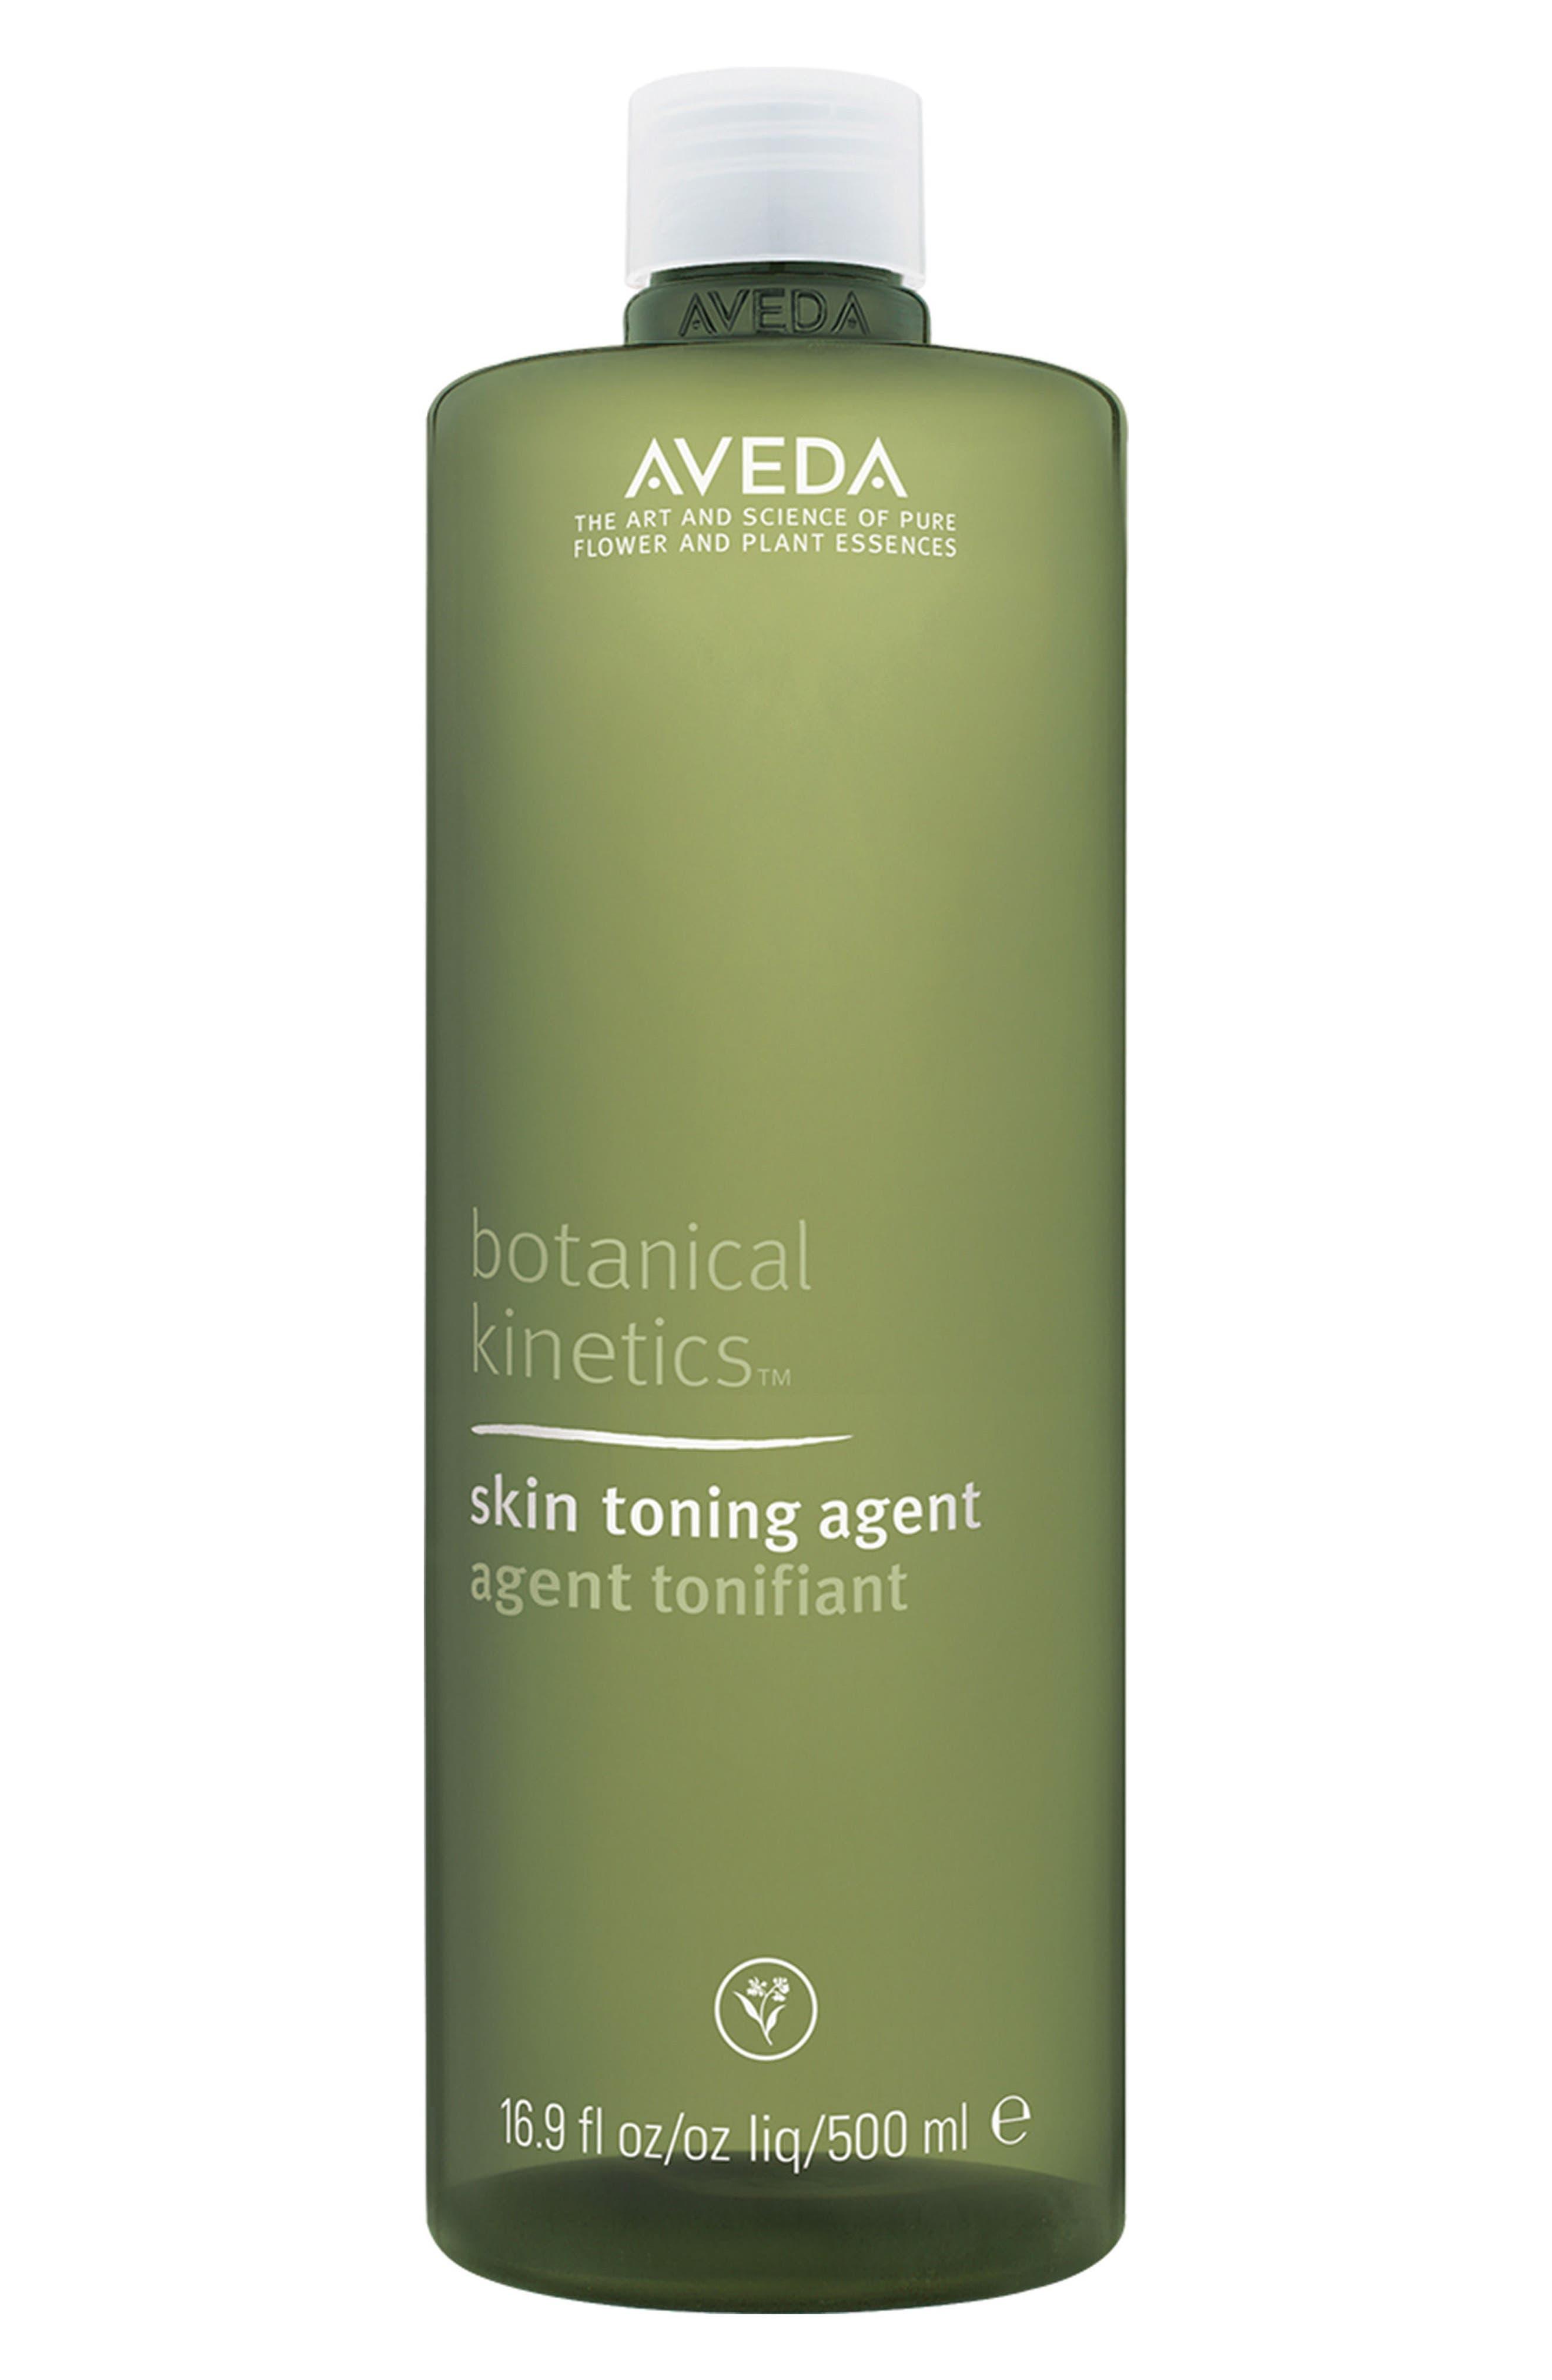 Aveda botanical kinetics™ Skin Toning Agent